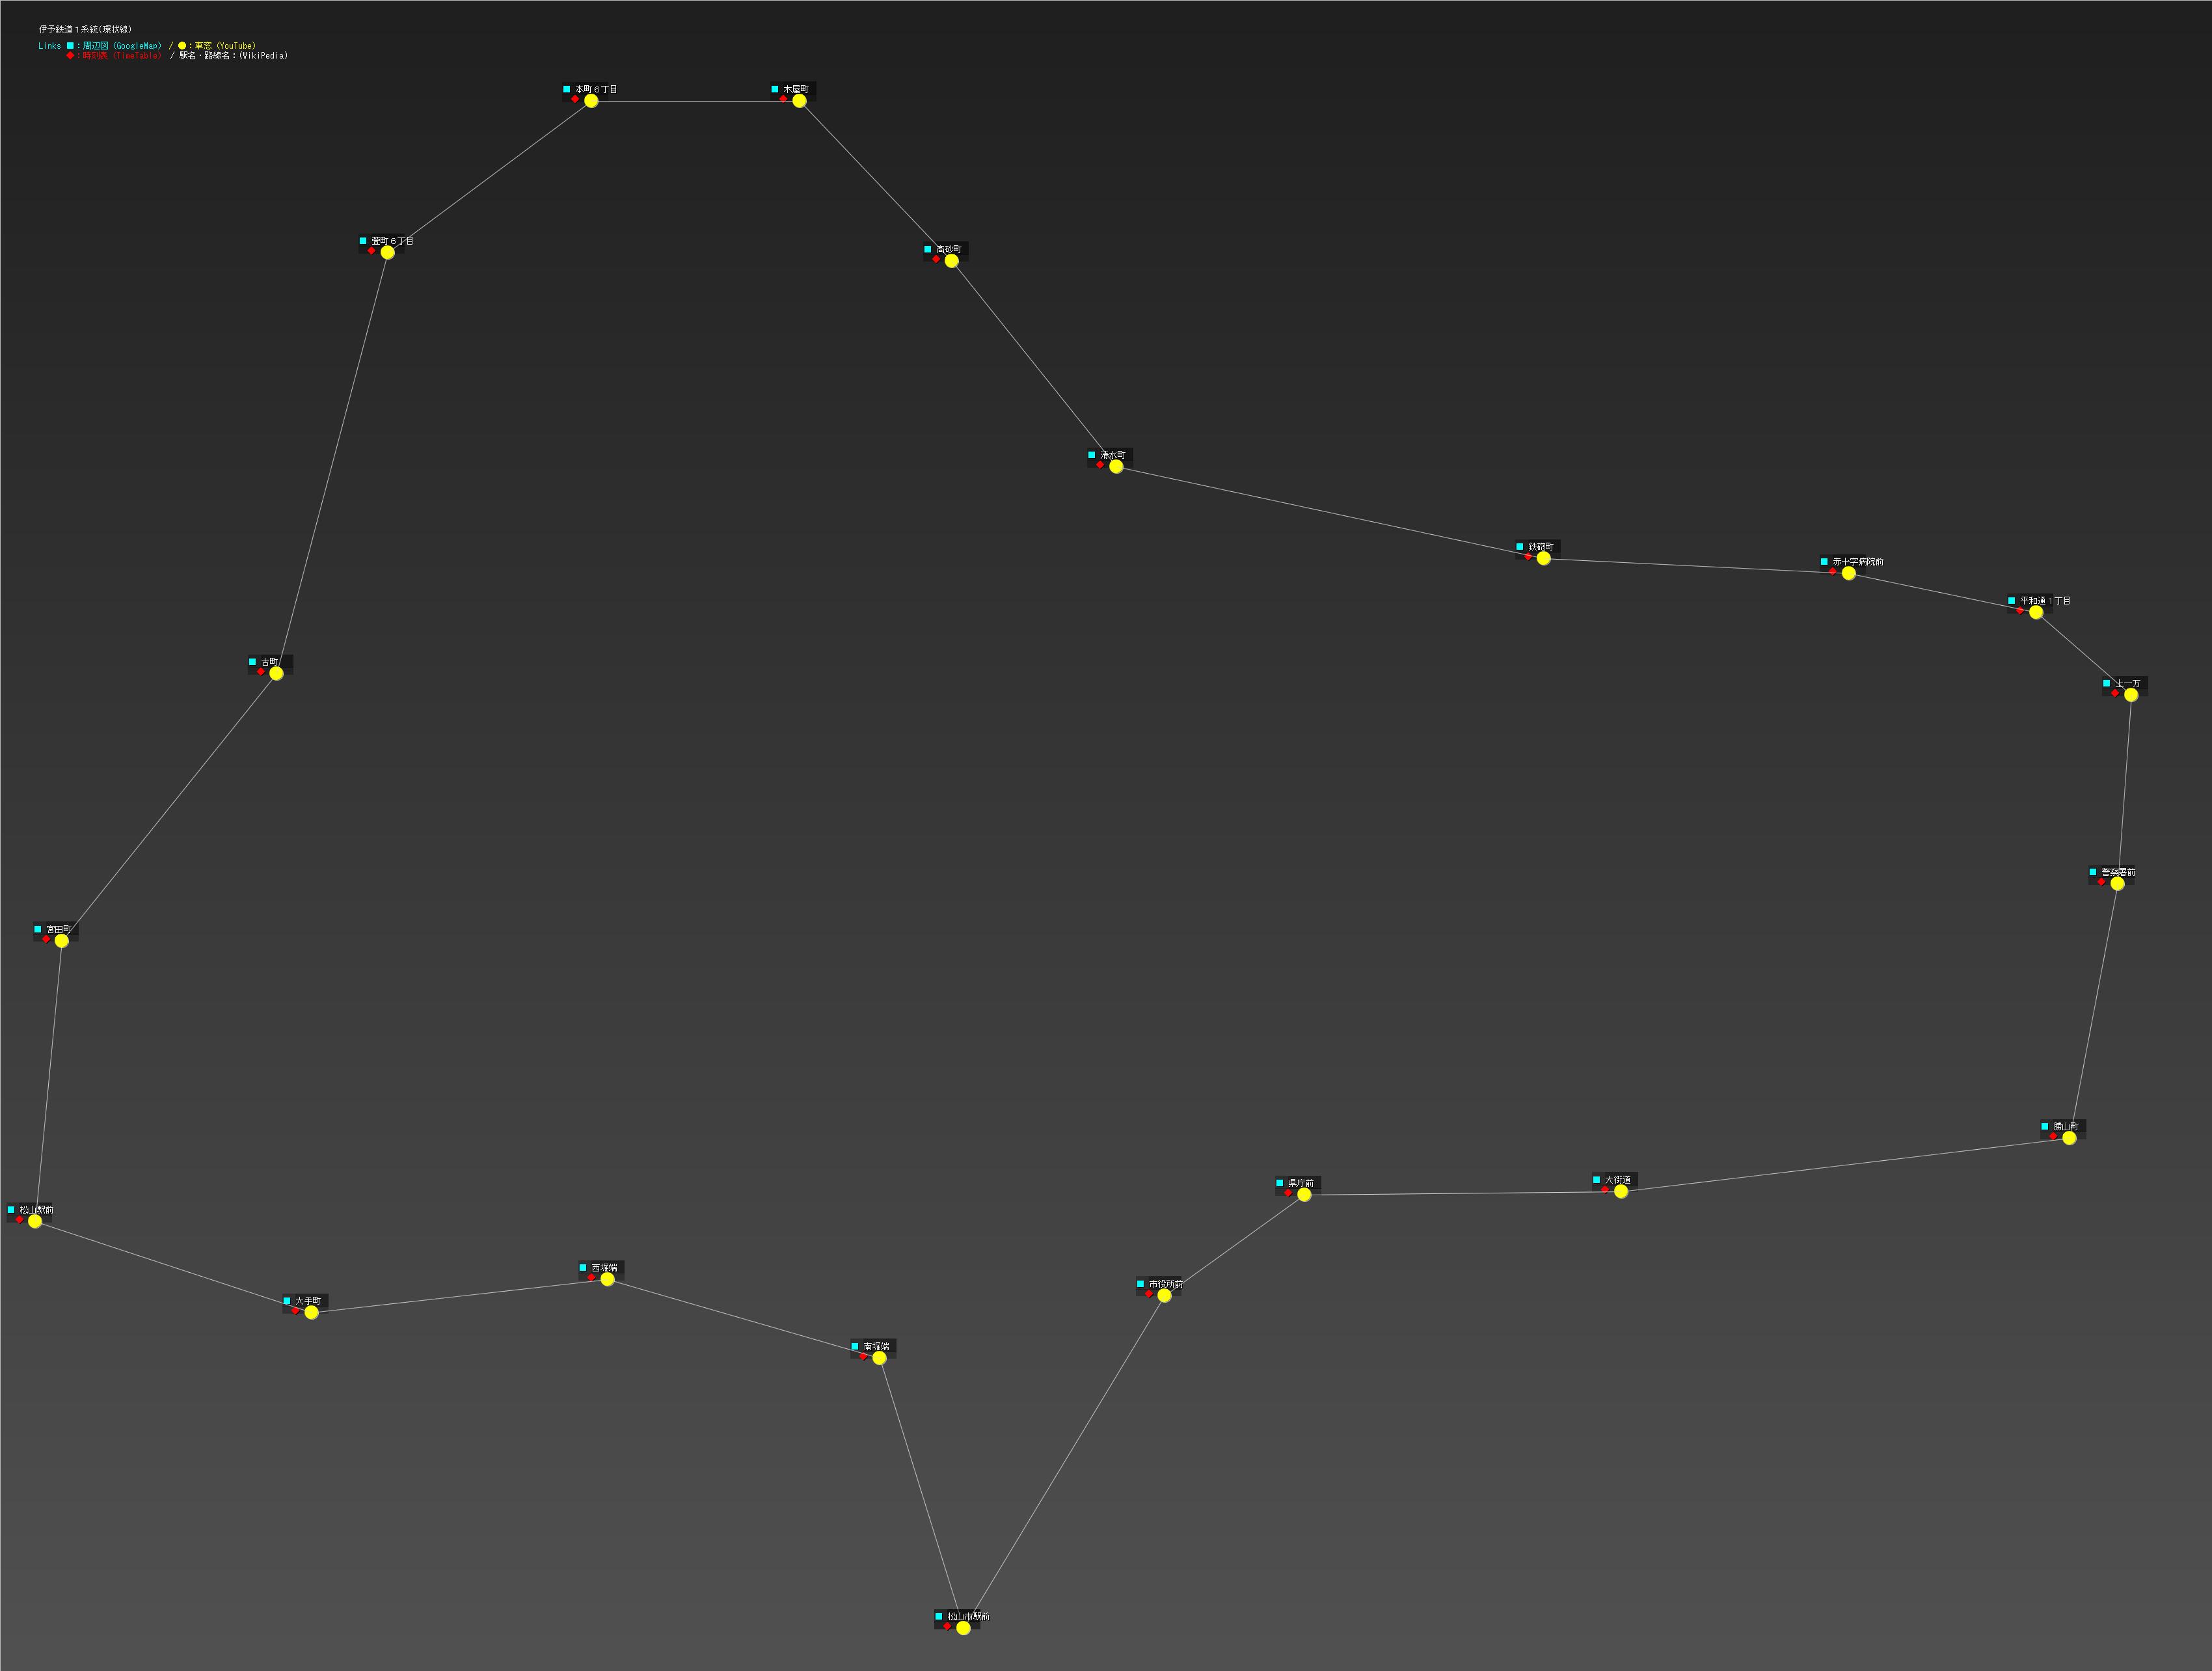 伊予鉄道1系統(環状線)